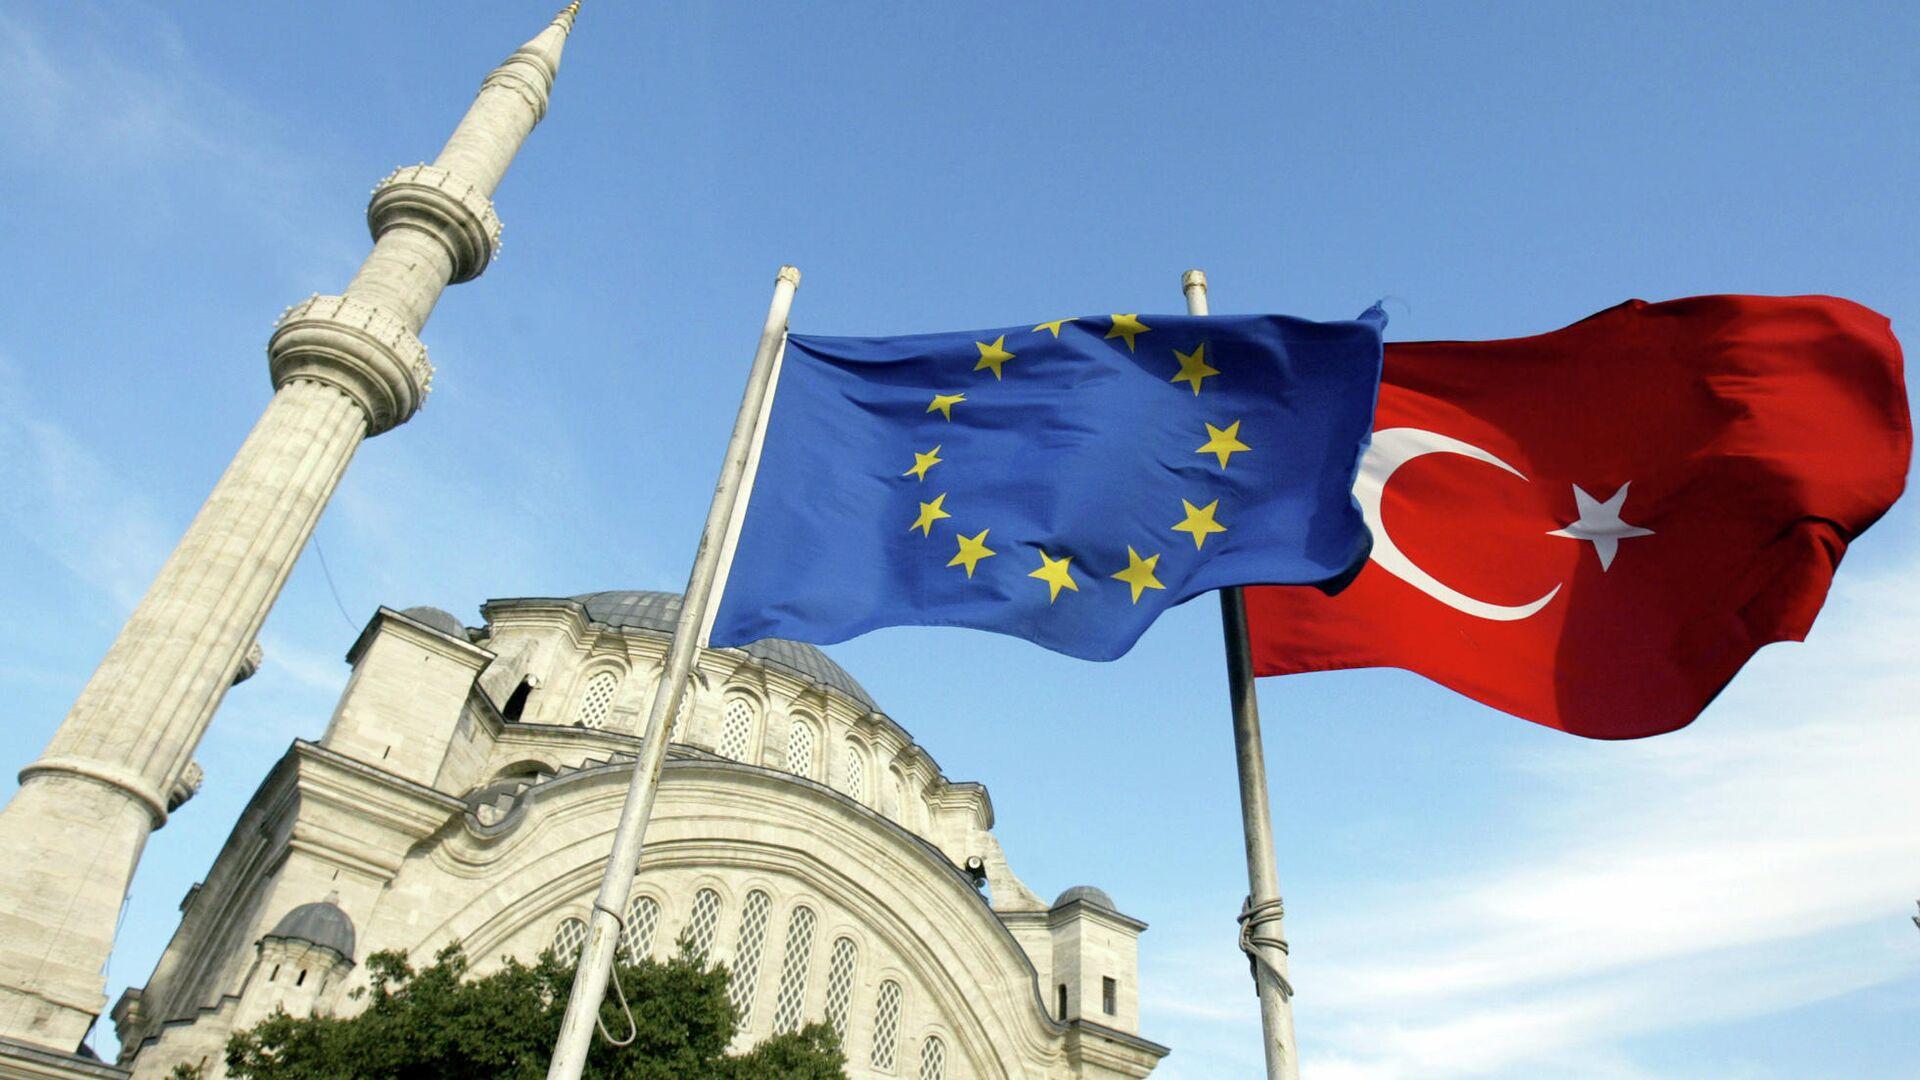 Флаги Турции и ЕС перед мечетью в Стамбуле  - РИА Новости, 1920, 29.08.2020